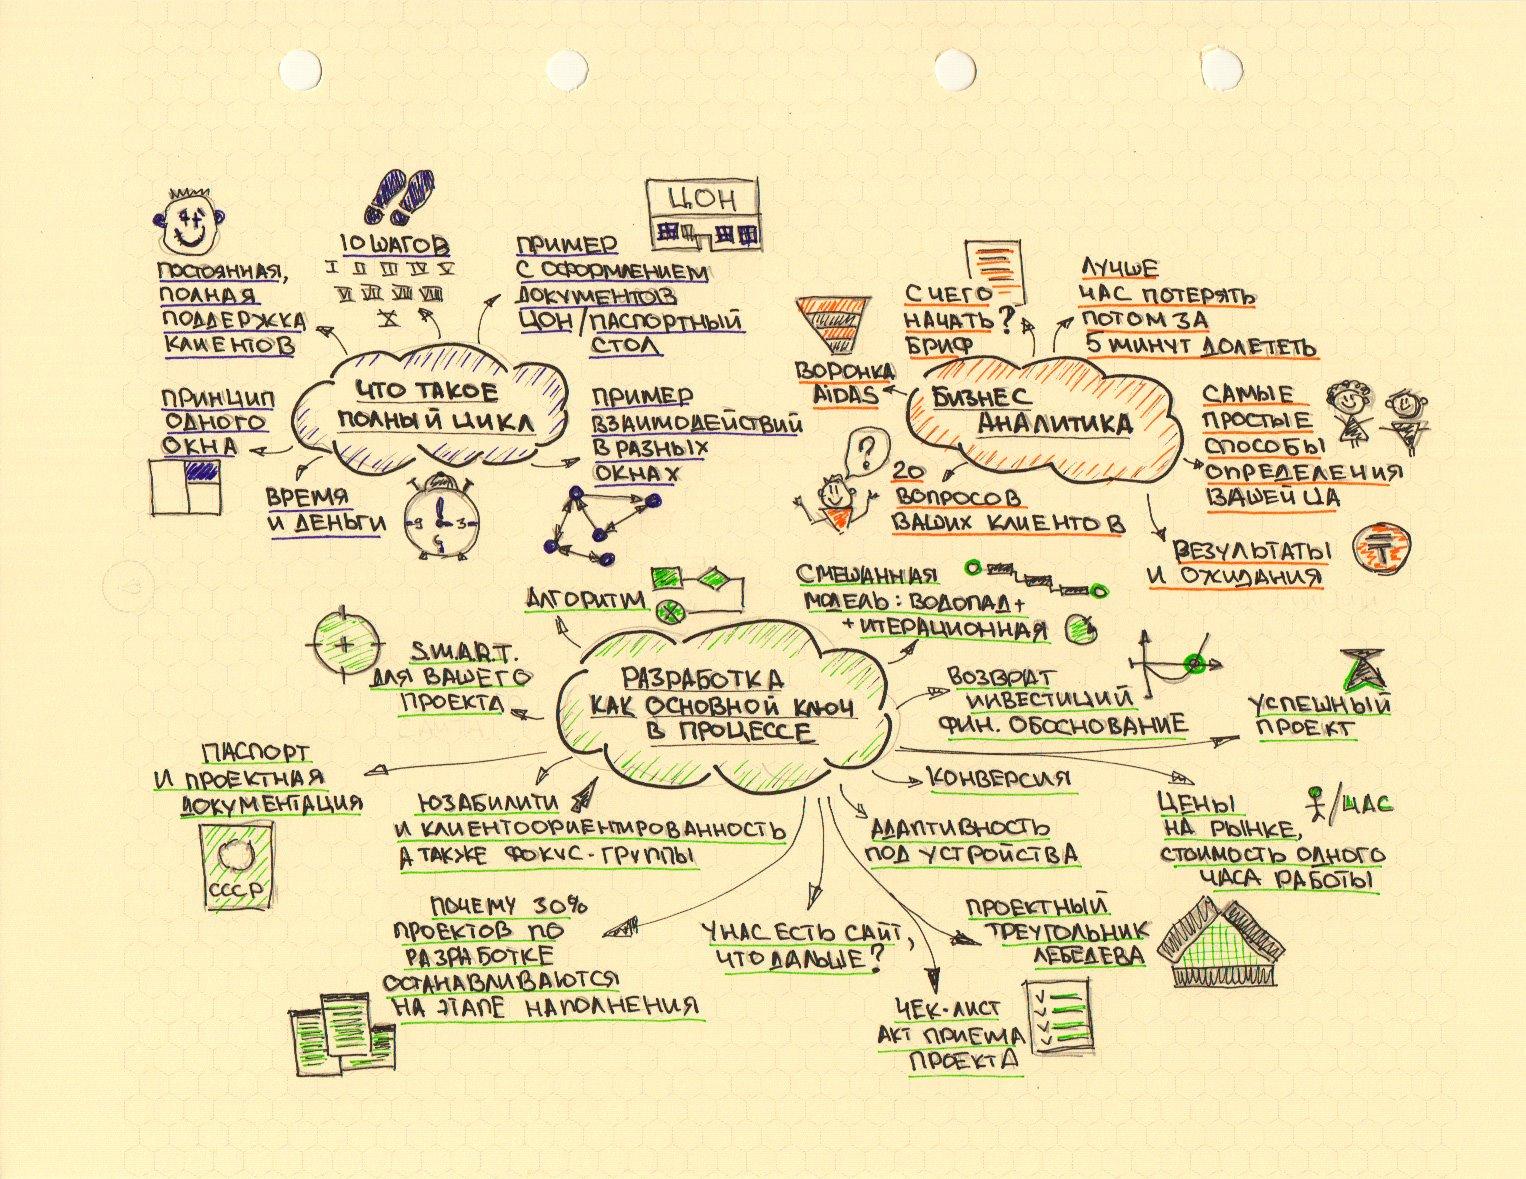 Майнд-карты: отличный способ привести дела в порядок - smarttalks